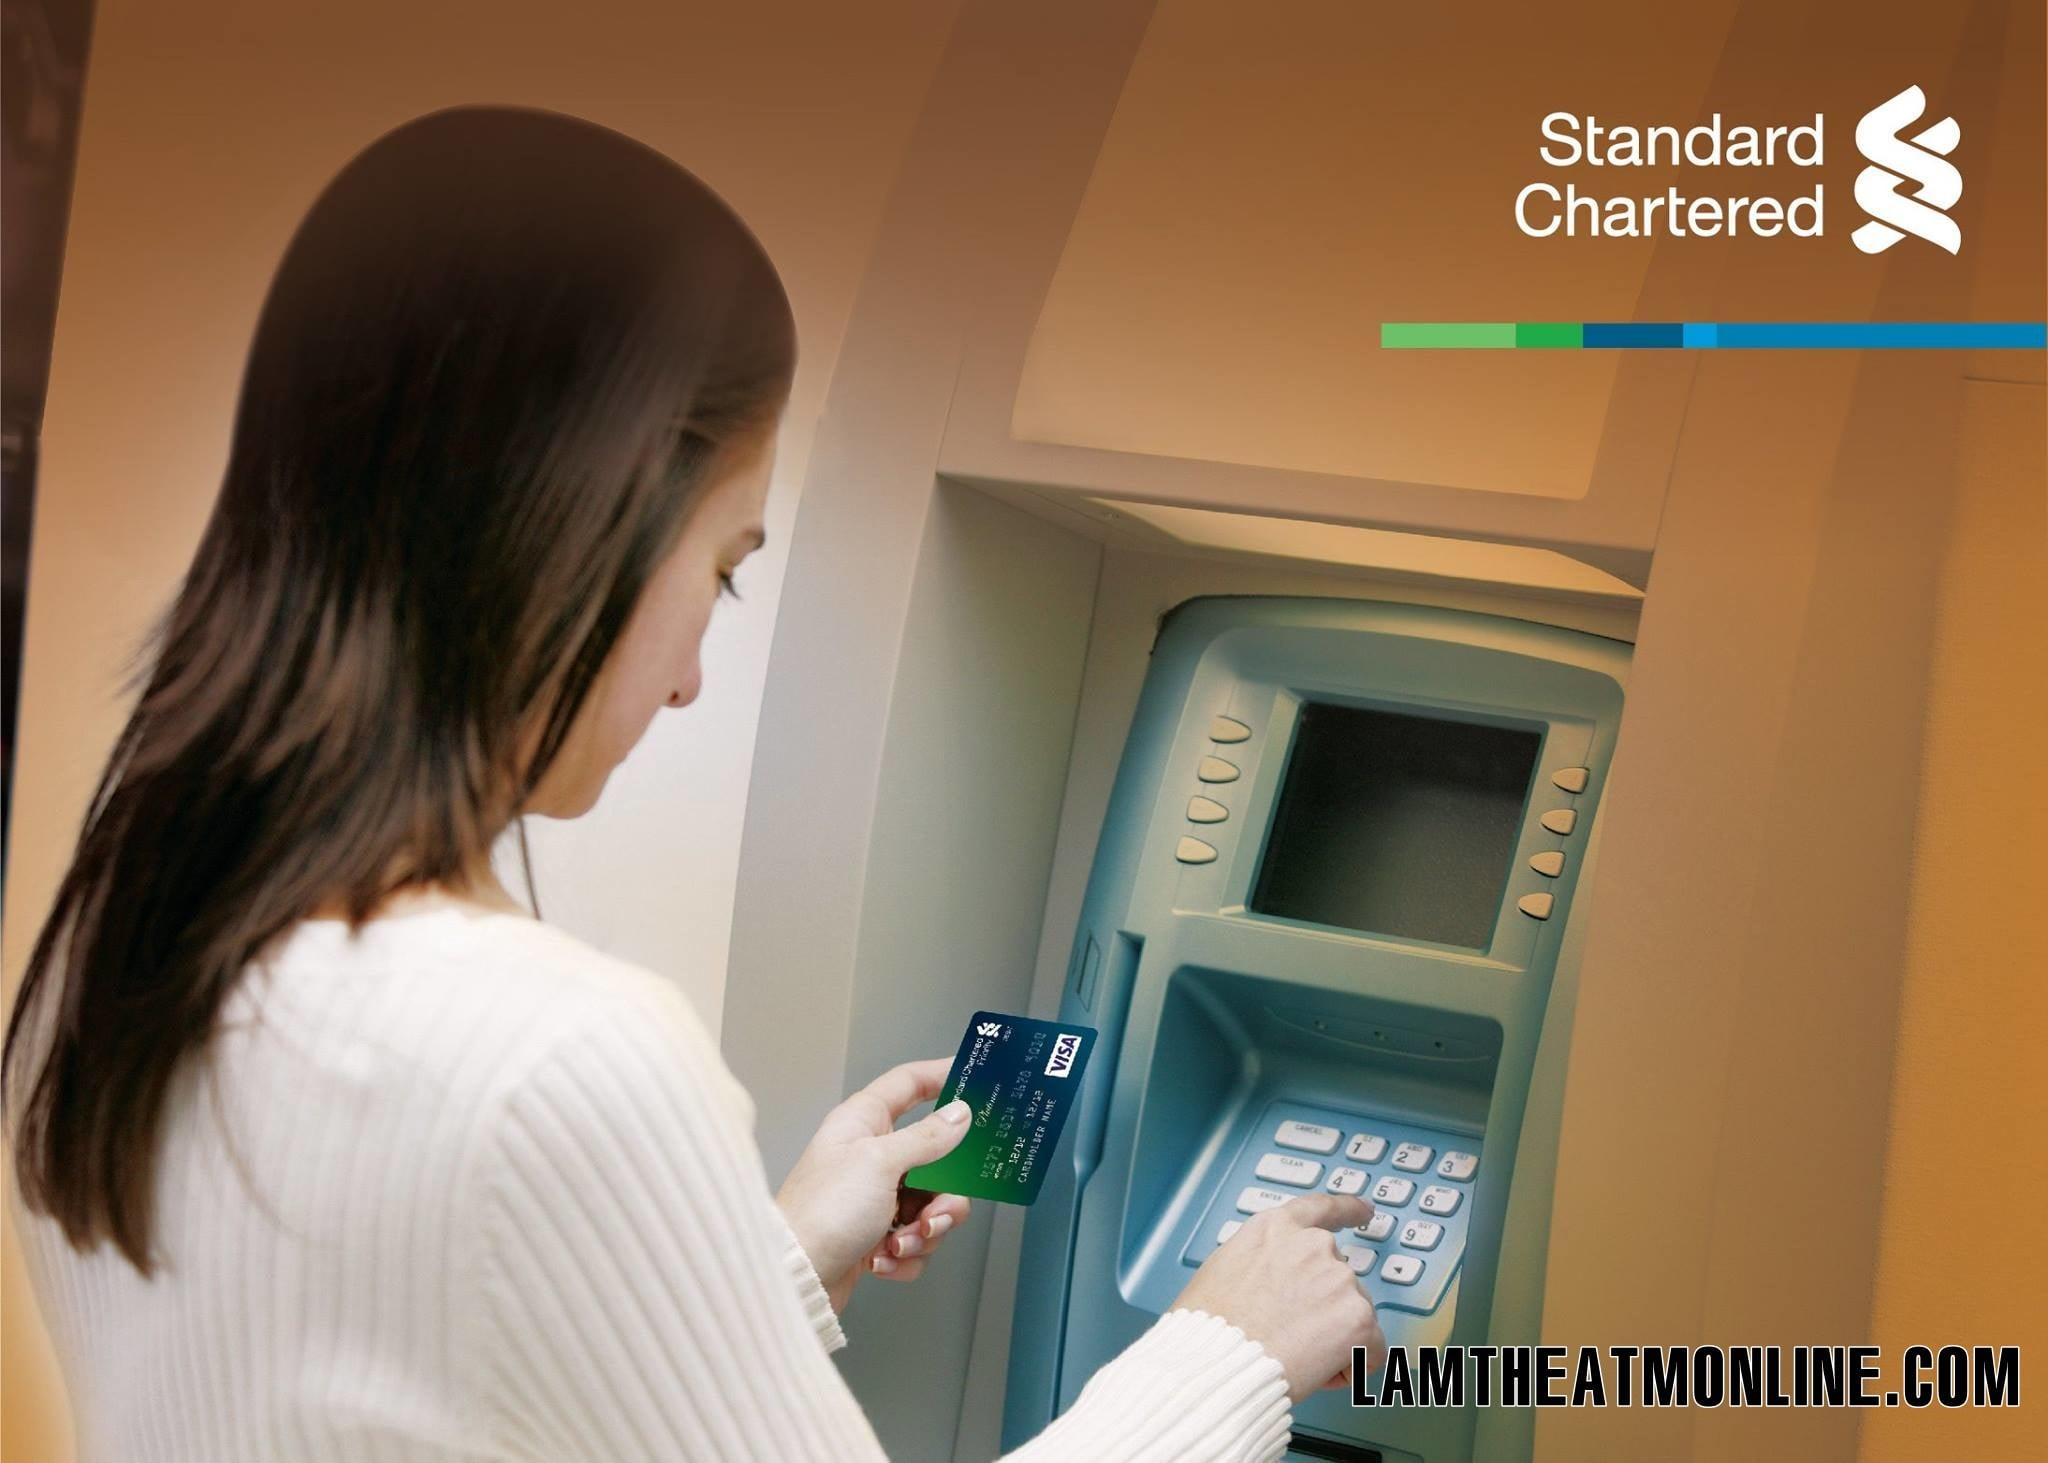 cách chuyển khoản của Standard Chartered